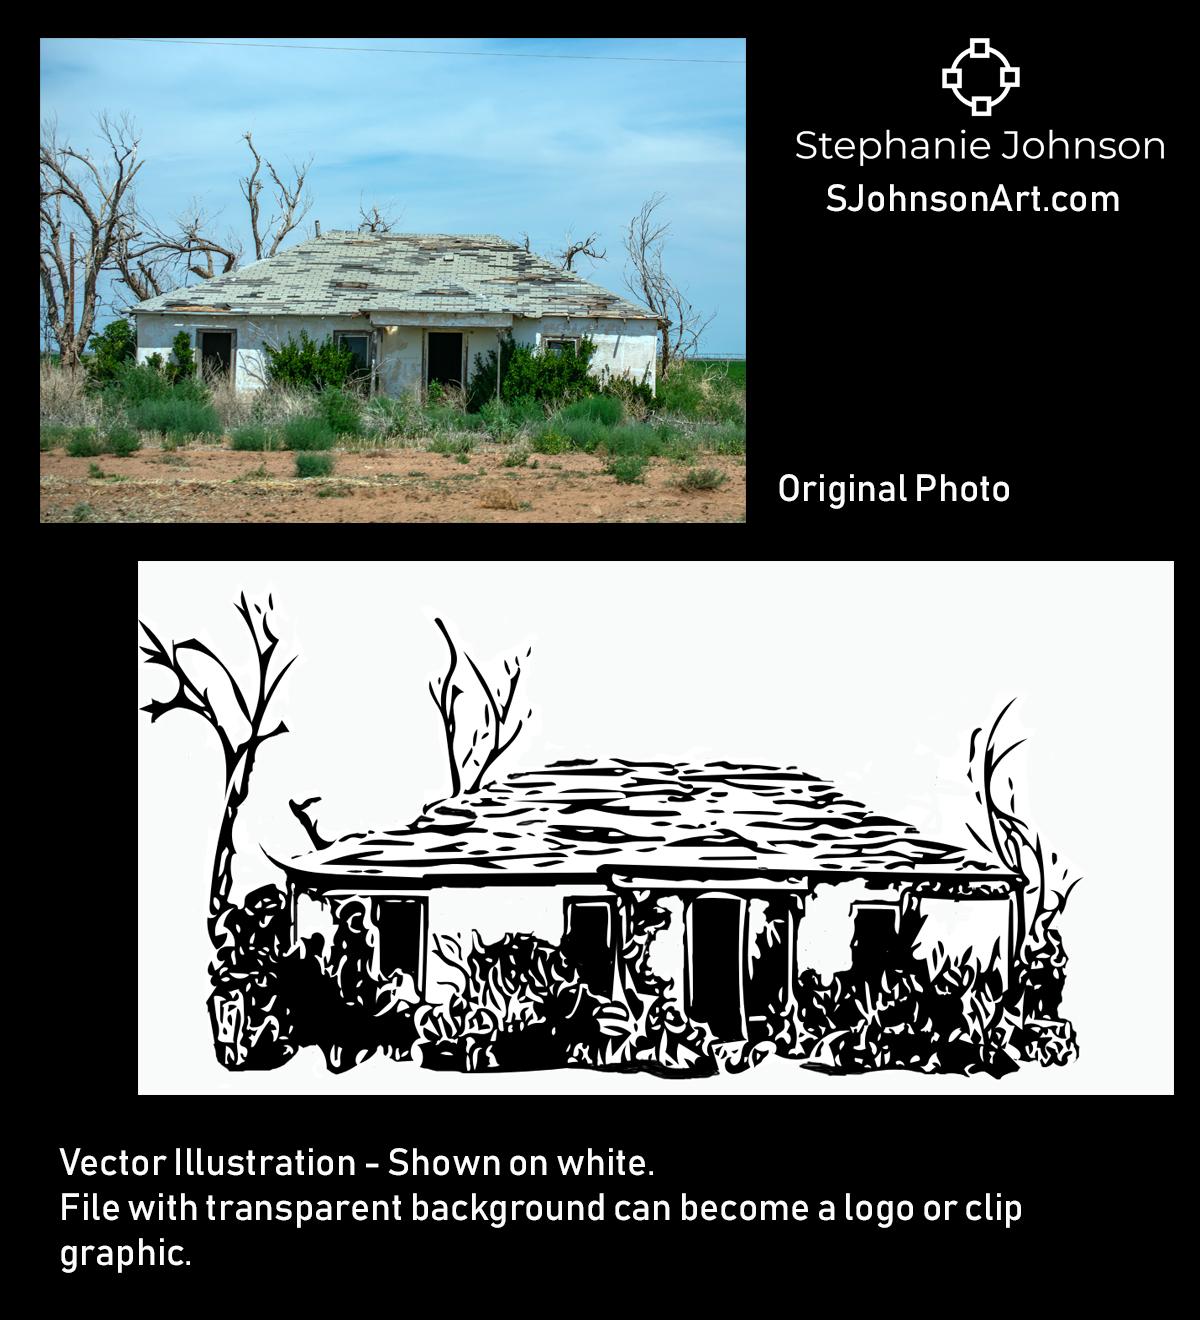 vectorvictor.jpg